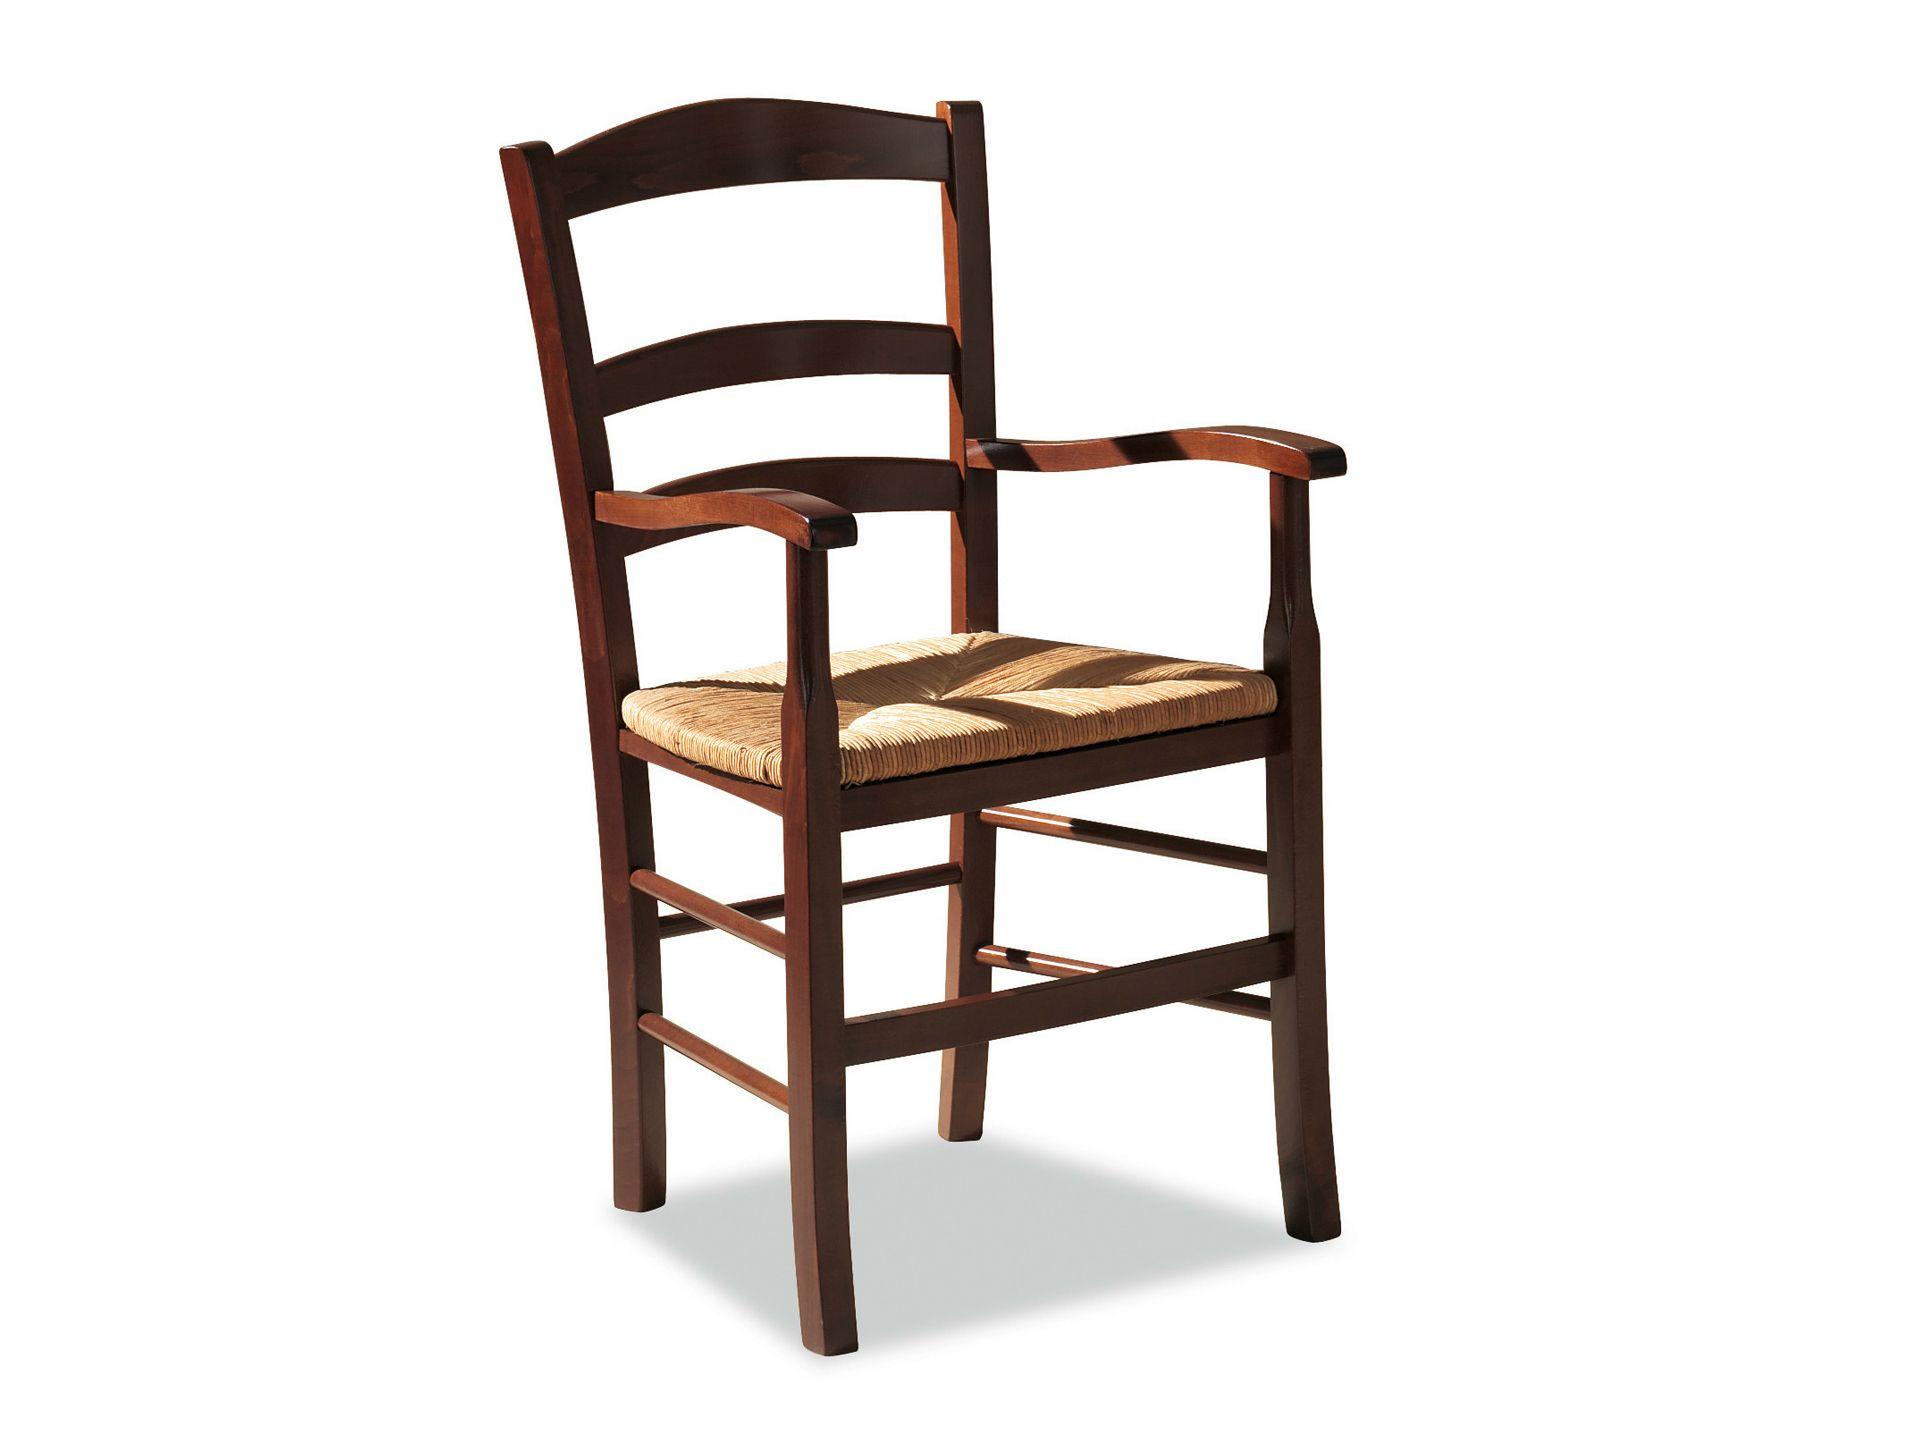 Chaise en h tre avec accoudoirs venezia 42 ap collection for Chaise en hetre